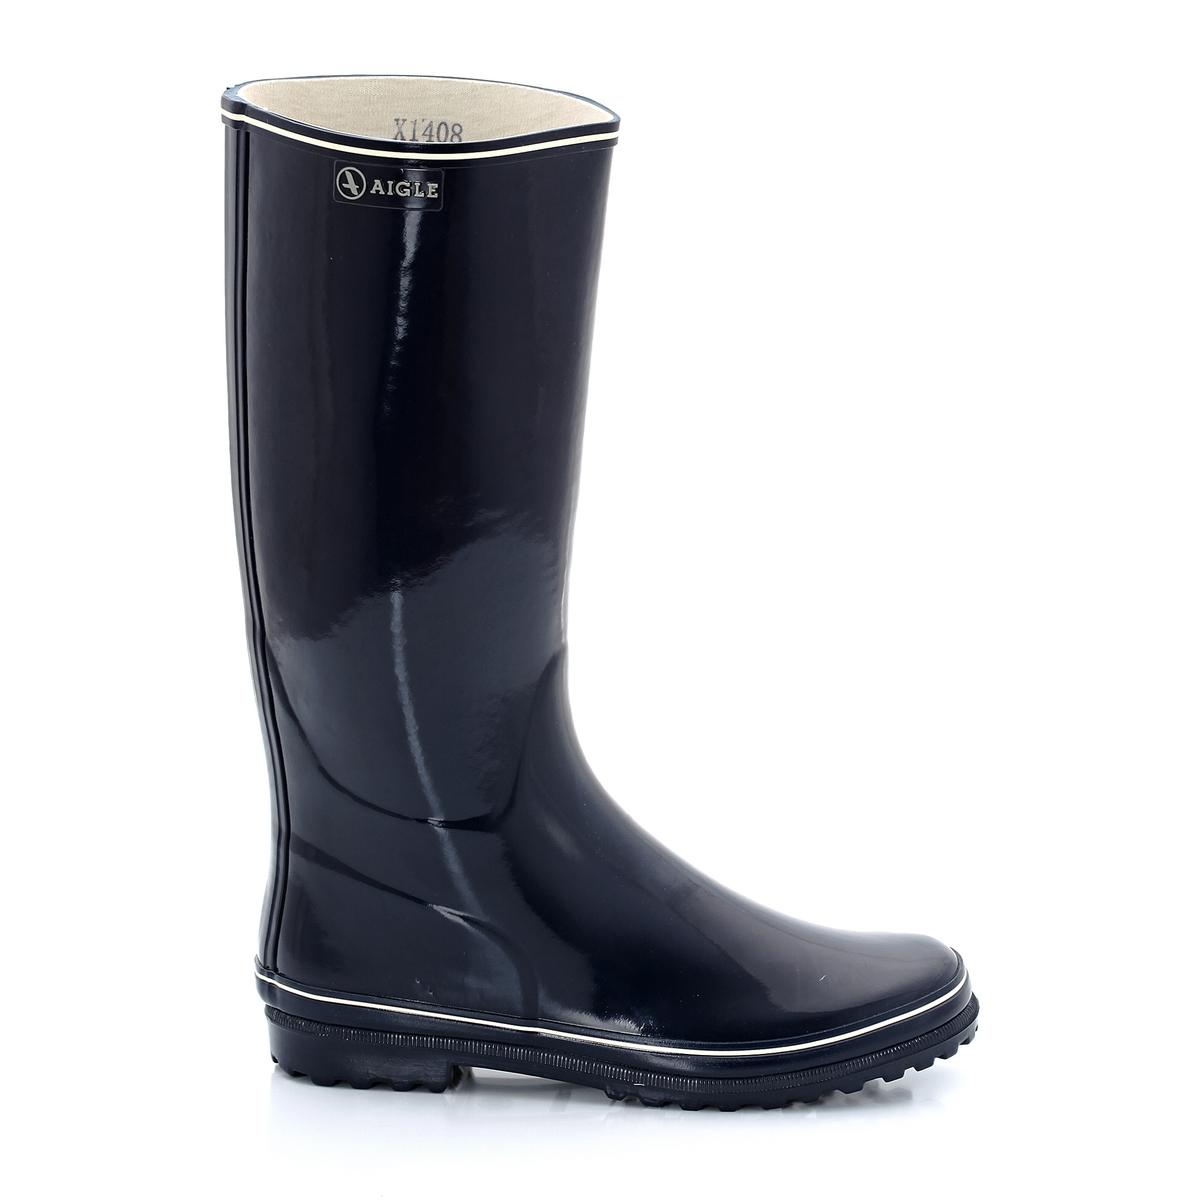 Сапоги резиновые блестящиеСтильные резиновые сапоги с лакированным эффектом для прогулок под дождём!<br><br>Цвет: темно-синий + белый,черный + белый<br>Размер: 37.41.40.36